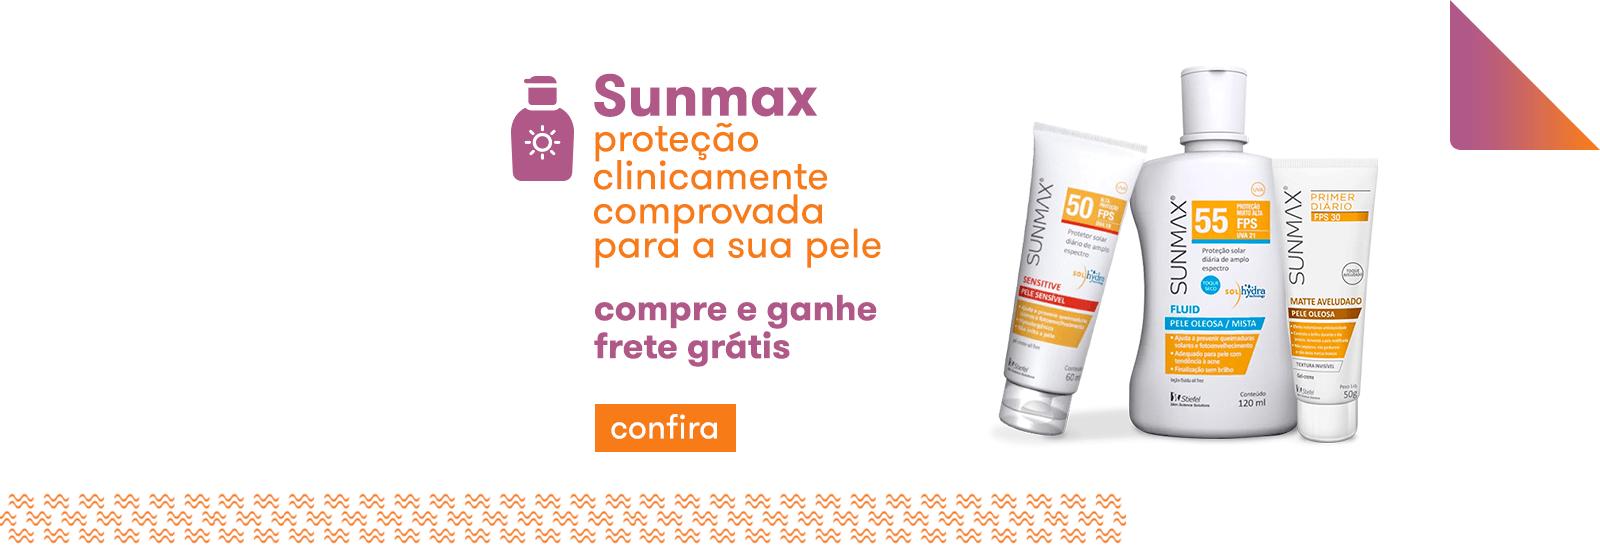 _Sunmax_Frete_Gratis_